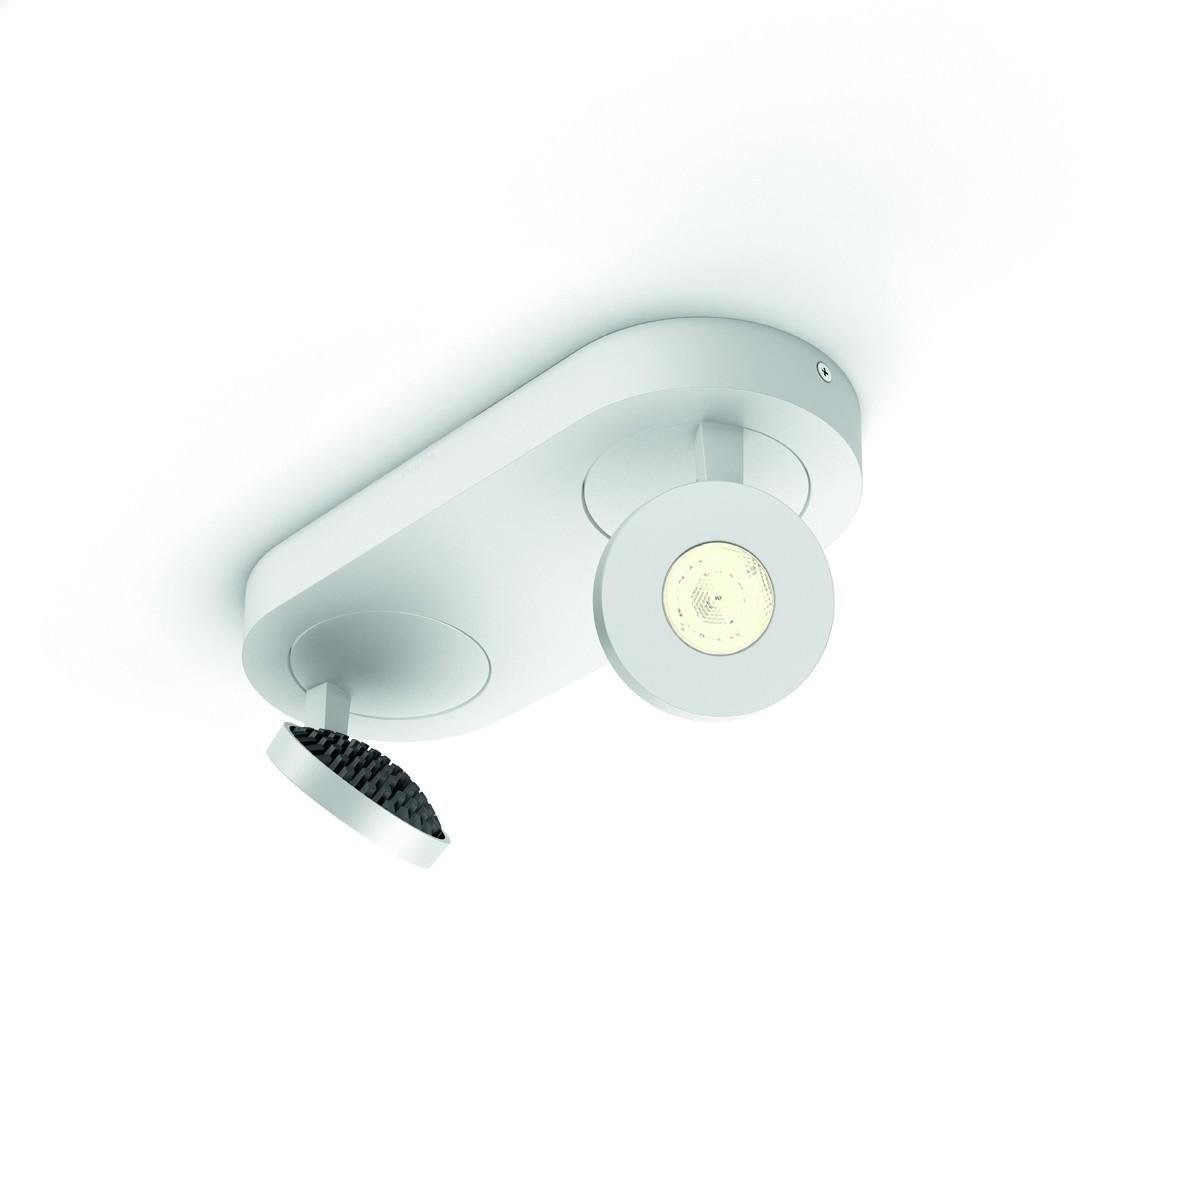 LED nástěnné bodové svítidlo Philips Massive Scope 57182/31/16 2x4.5W - bílá